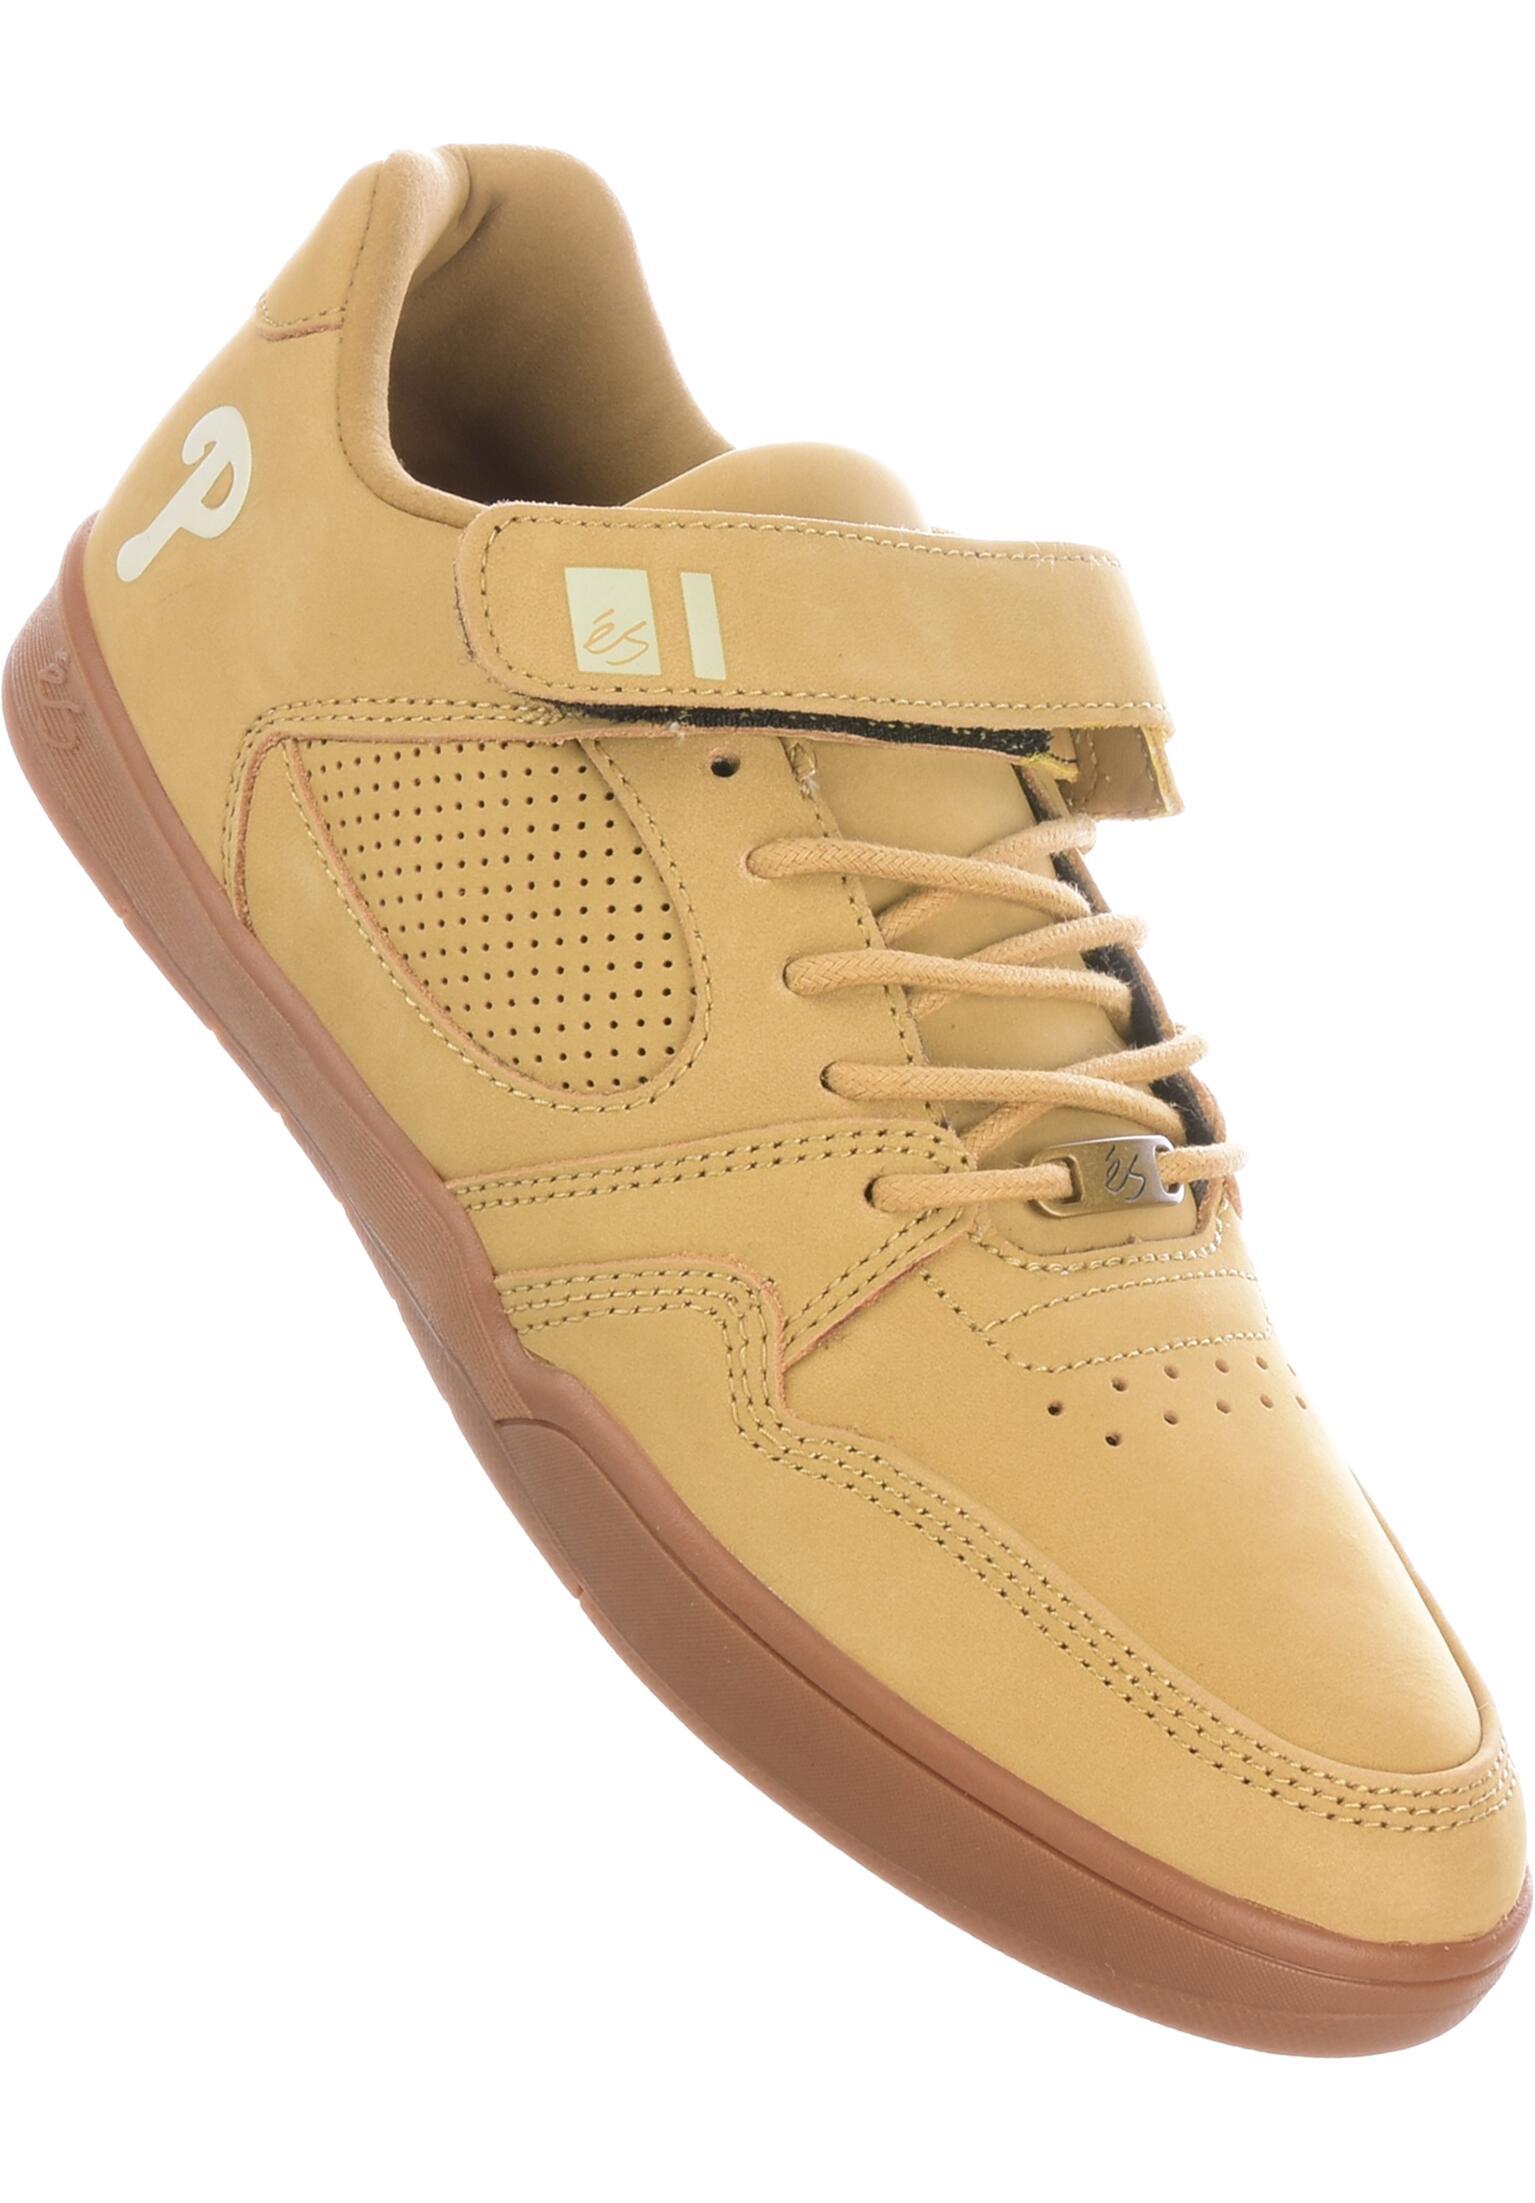 Accel Slim Plus ES All Shoes in tan-gum